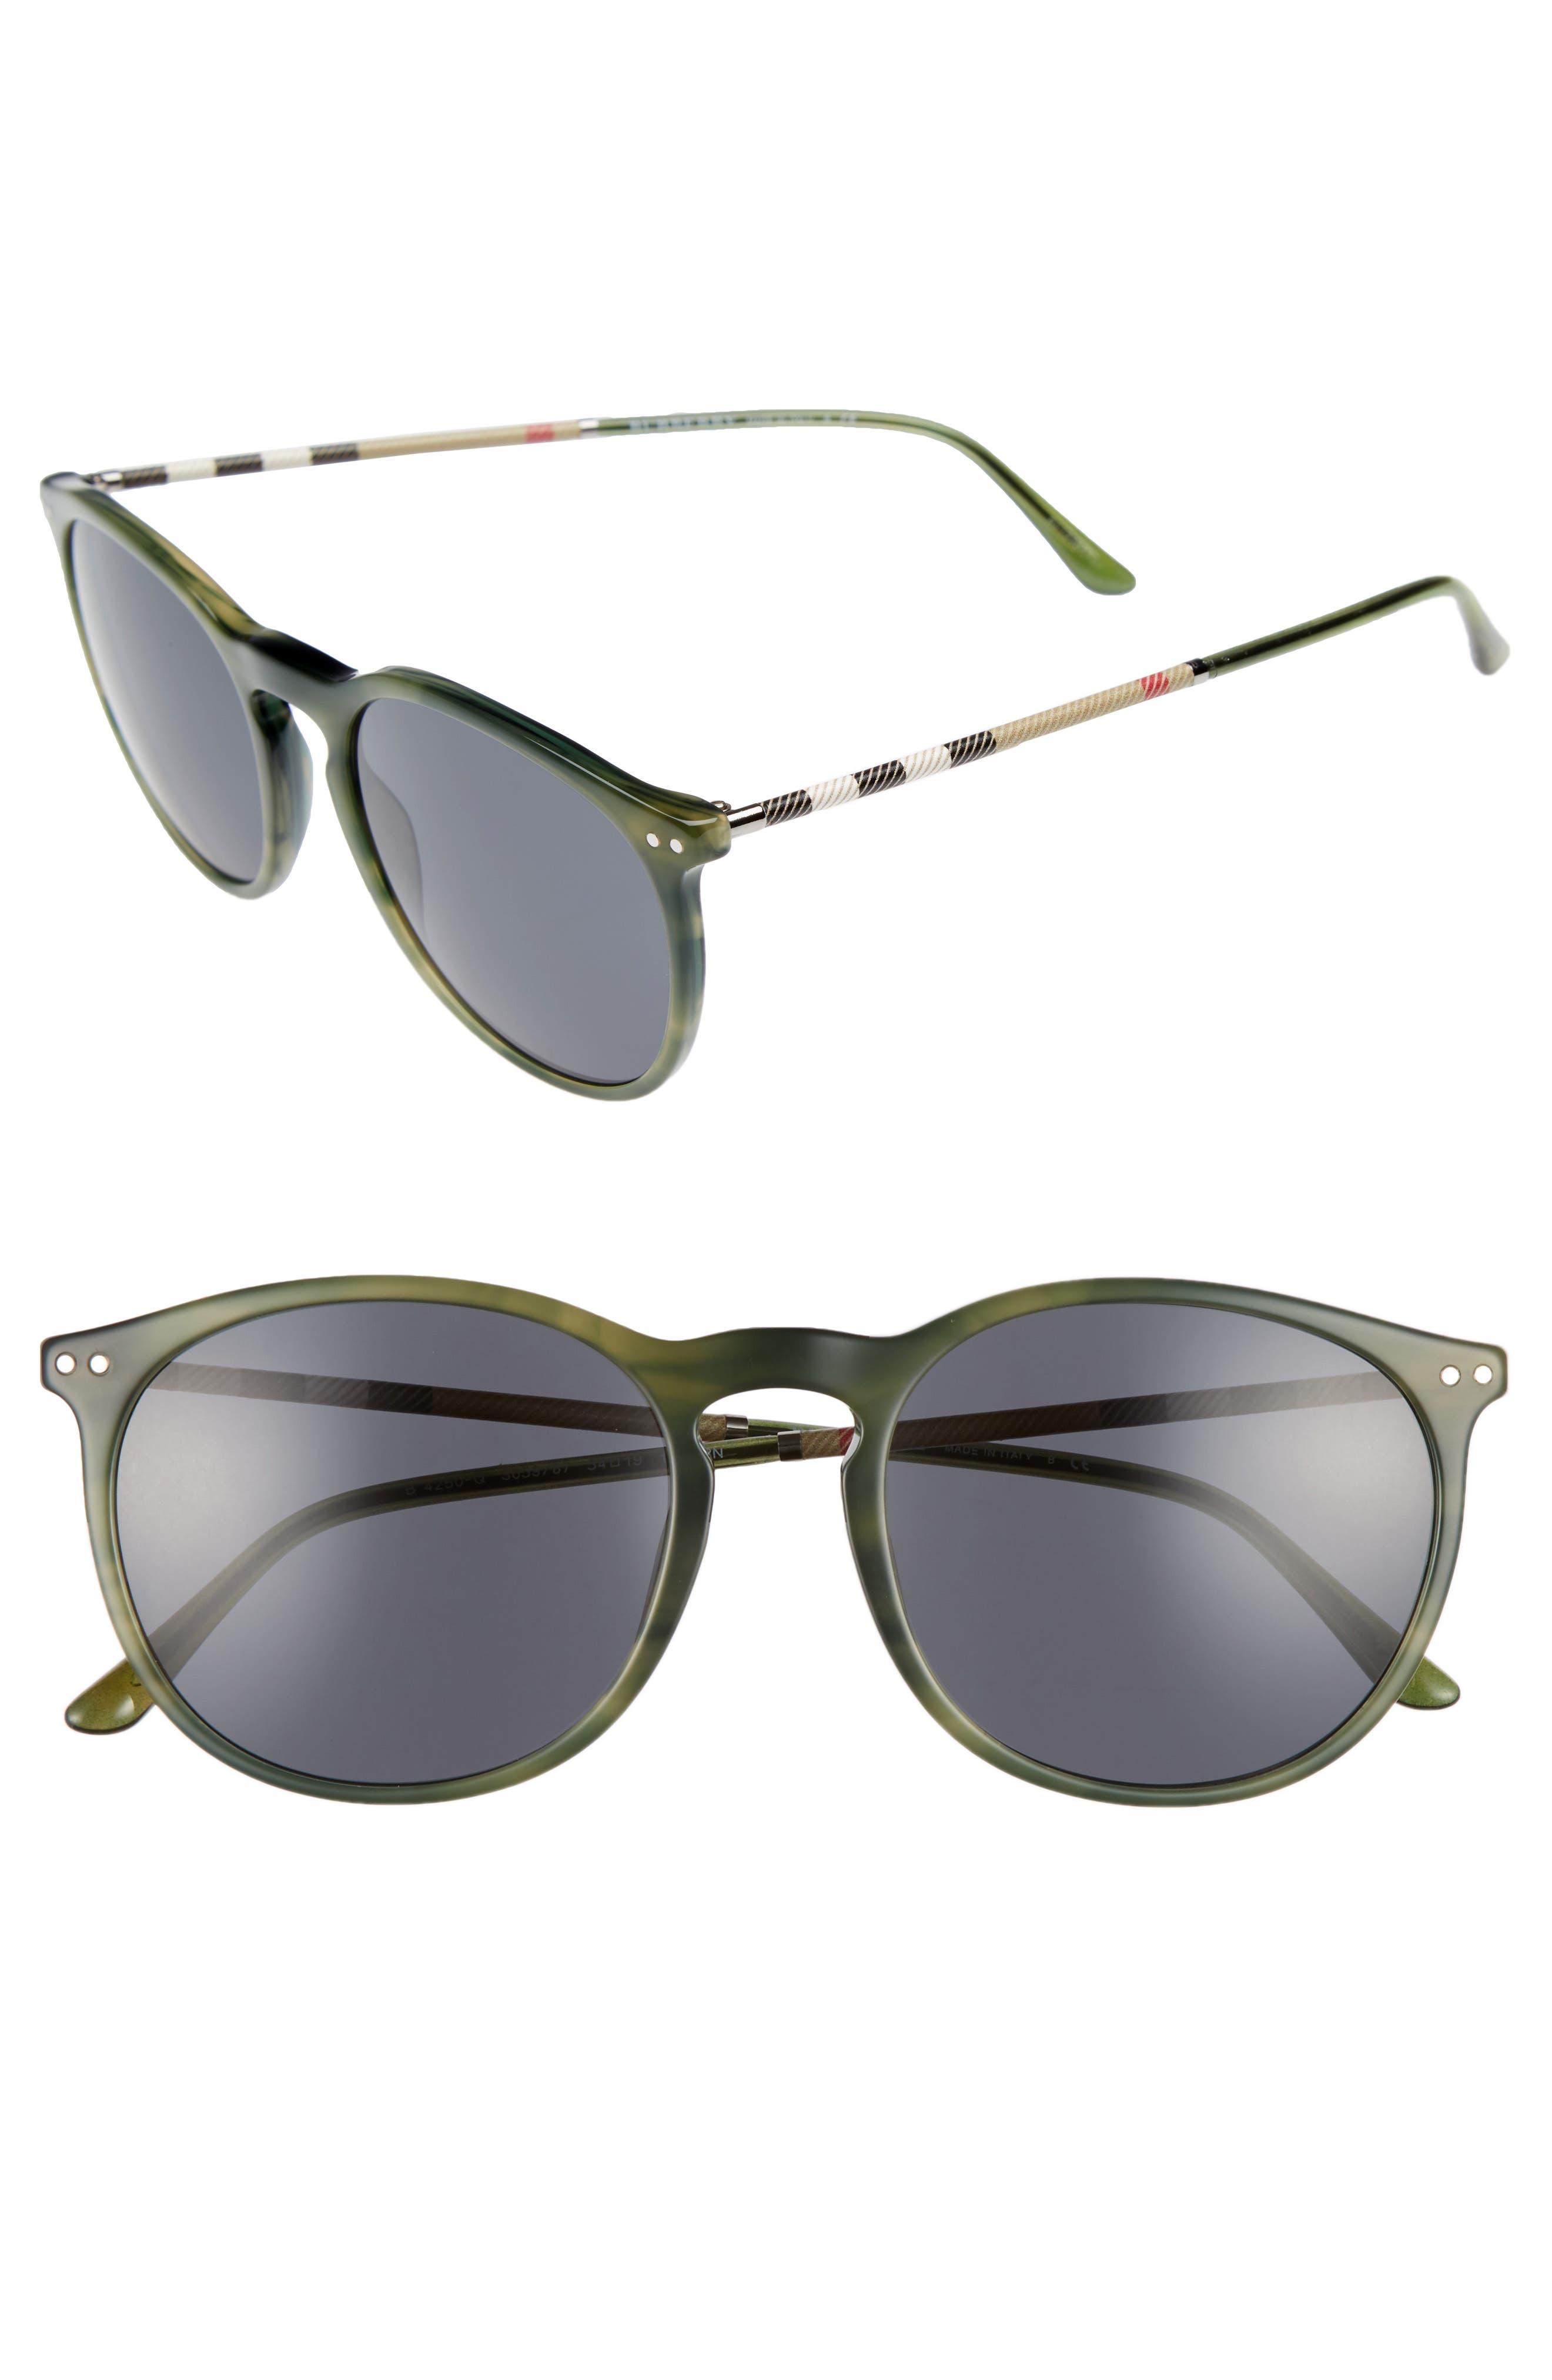 54mm Sunglasses,                             Main thumbnail 1, color,                             Grey/ Green